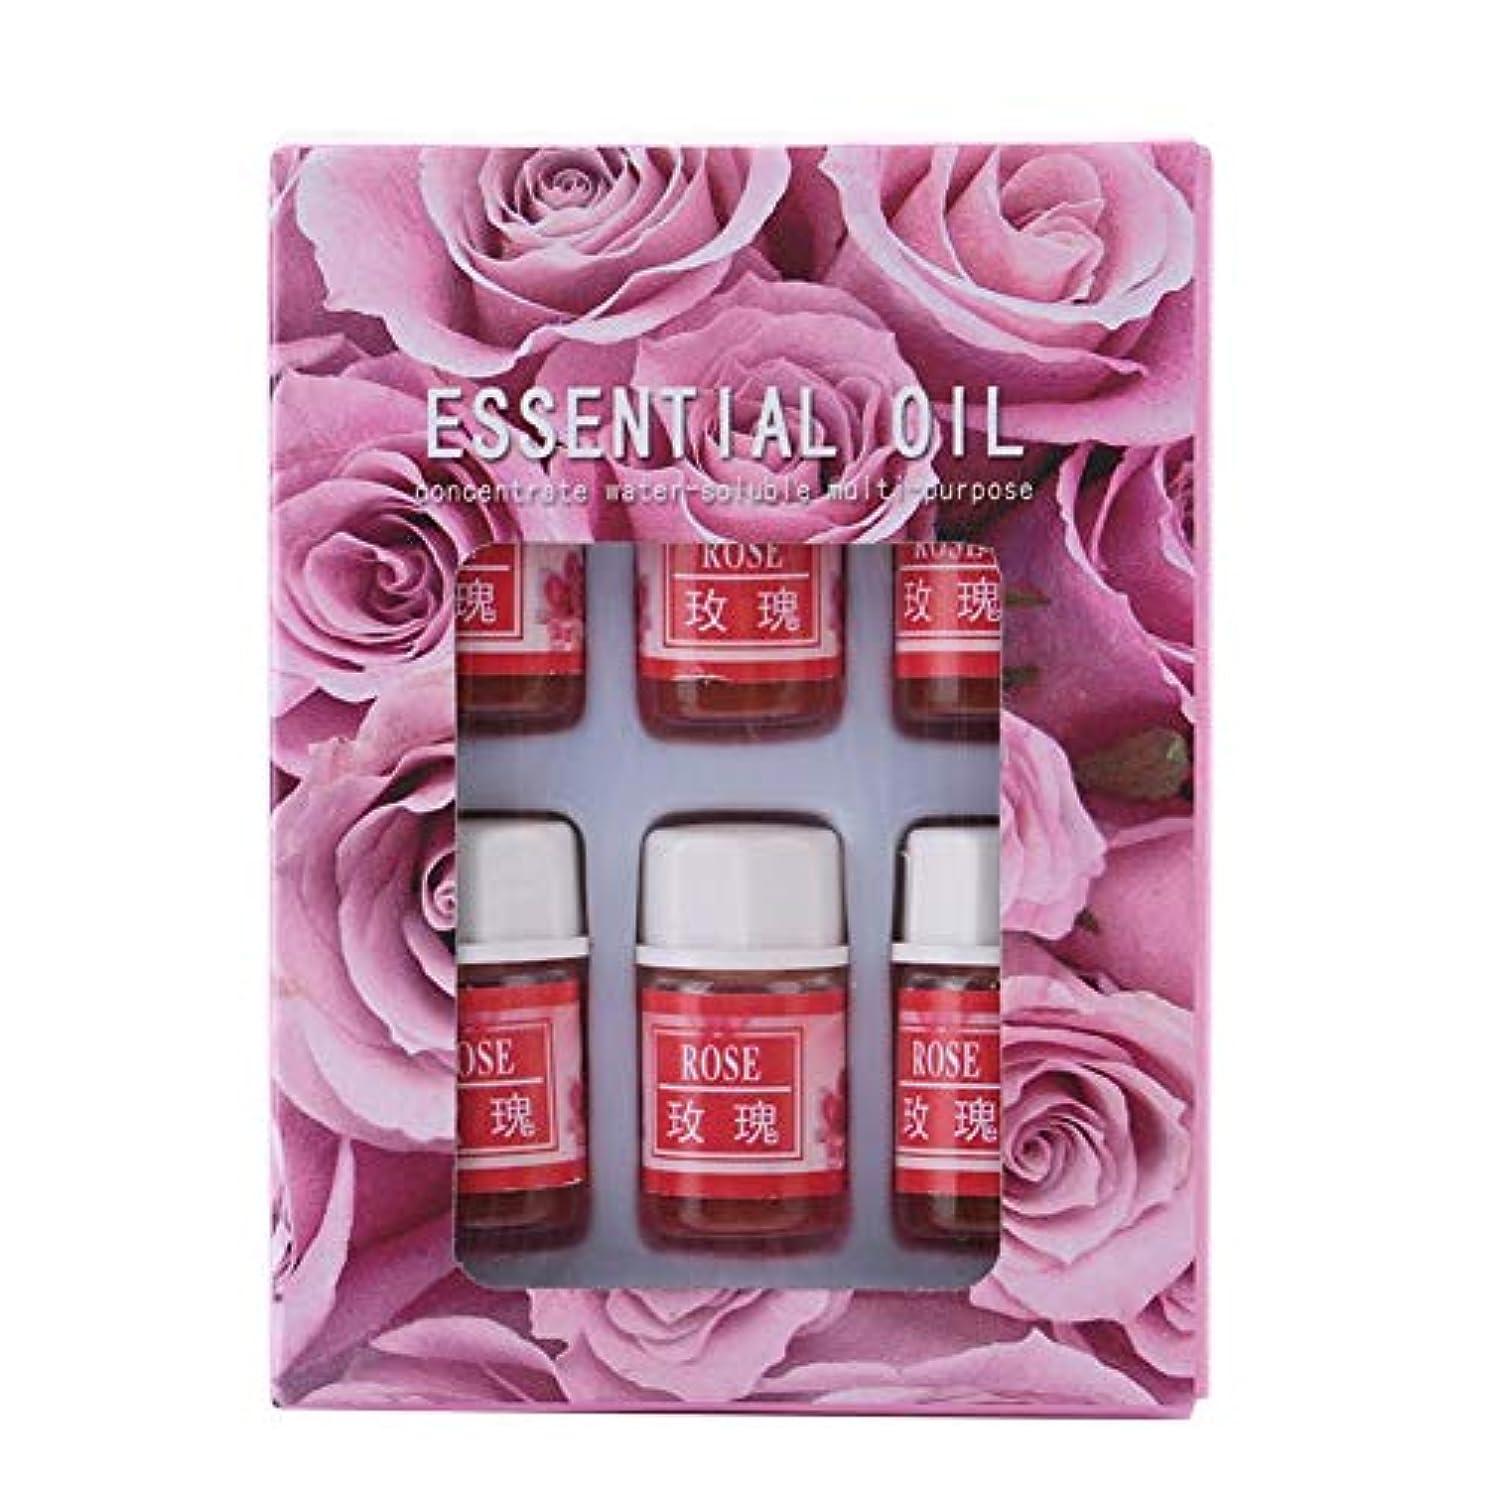 マグジャングルチート6個 3ML 天然香料 アロマセラピー 加湿器用 水溶性 エッセンシャルオイル 睡眠を改善します 良い香り(02)